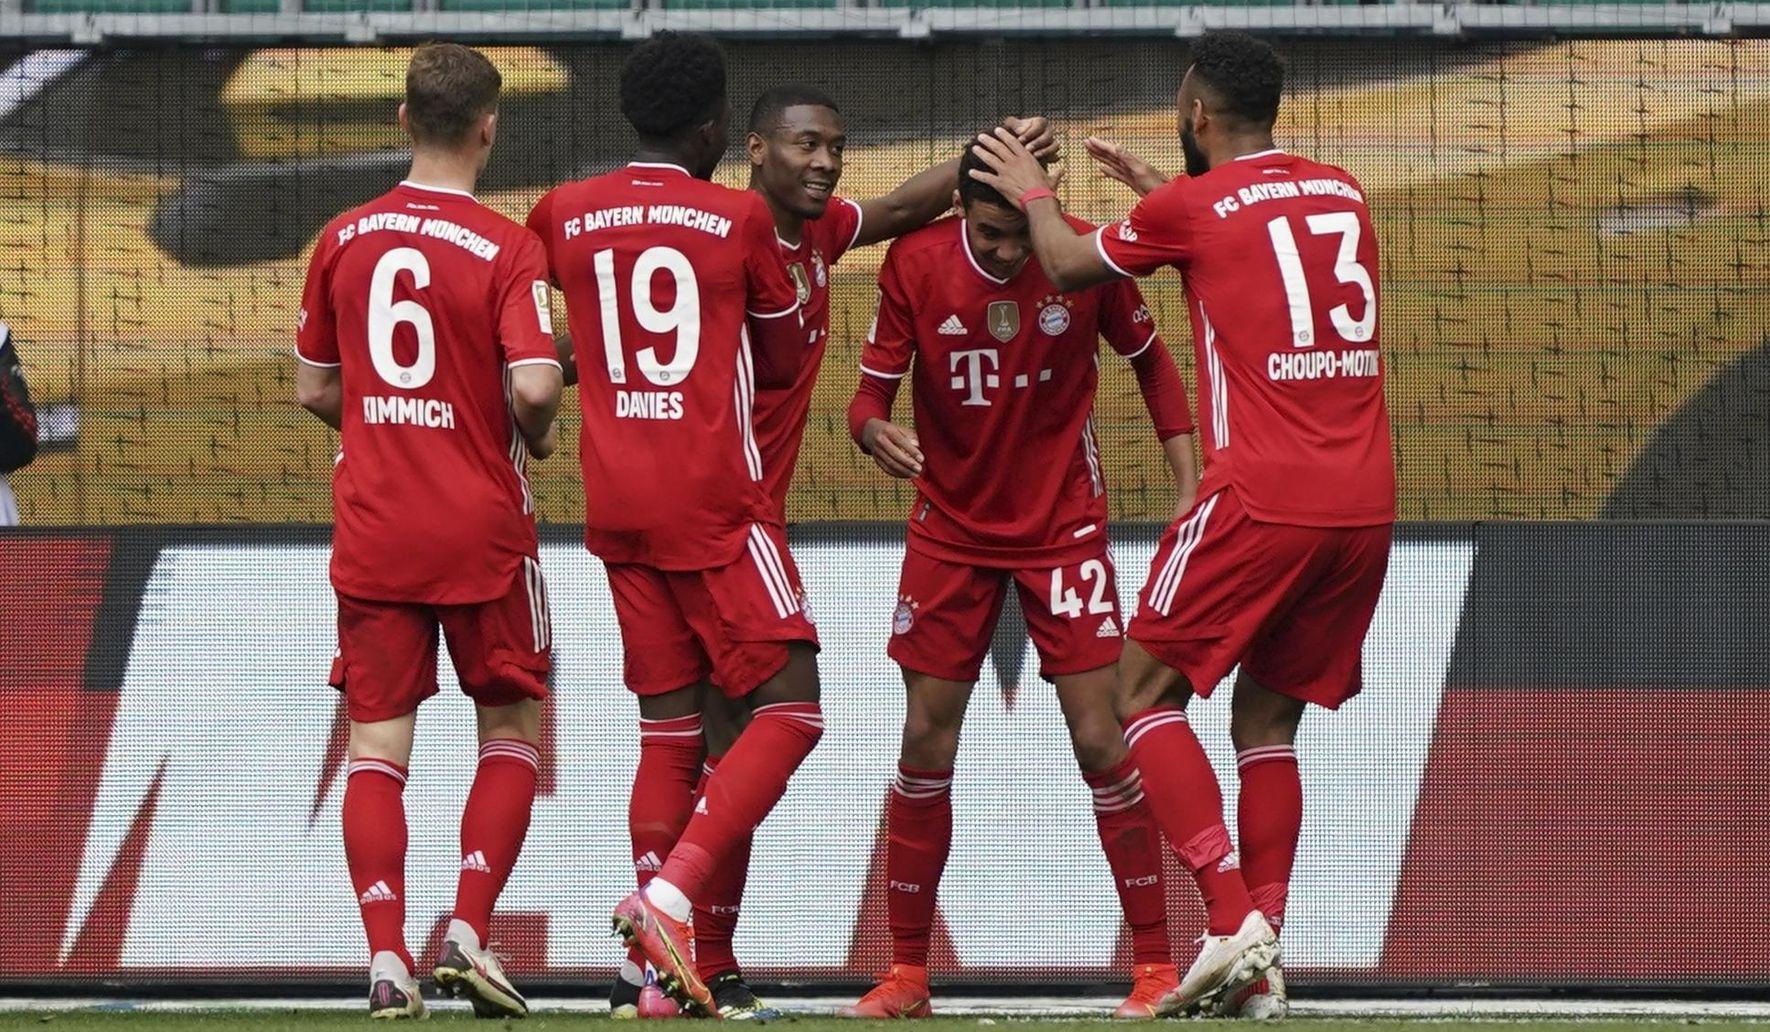 Germany_soccer_bundesliga_42885_c0-85-1936-1213_s1770x1032